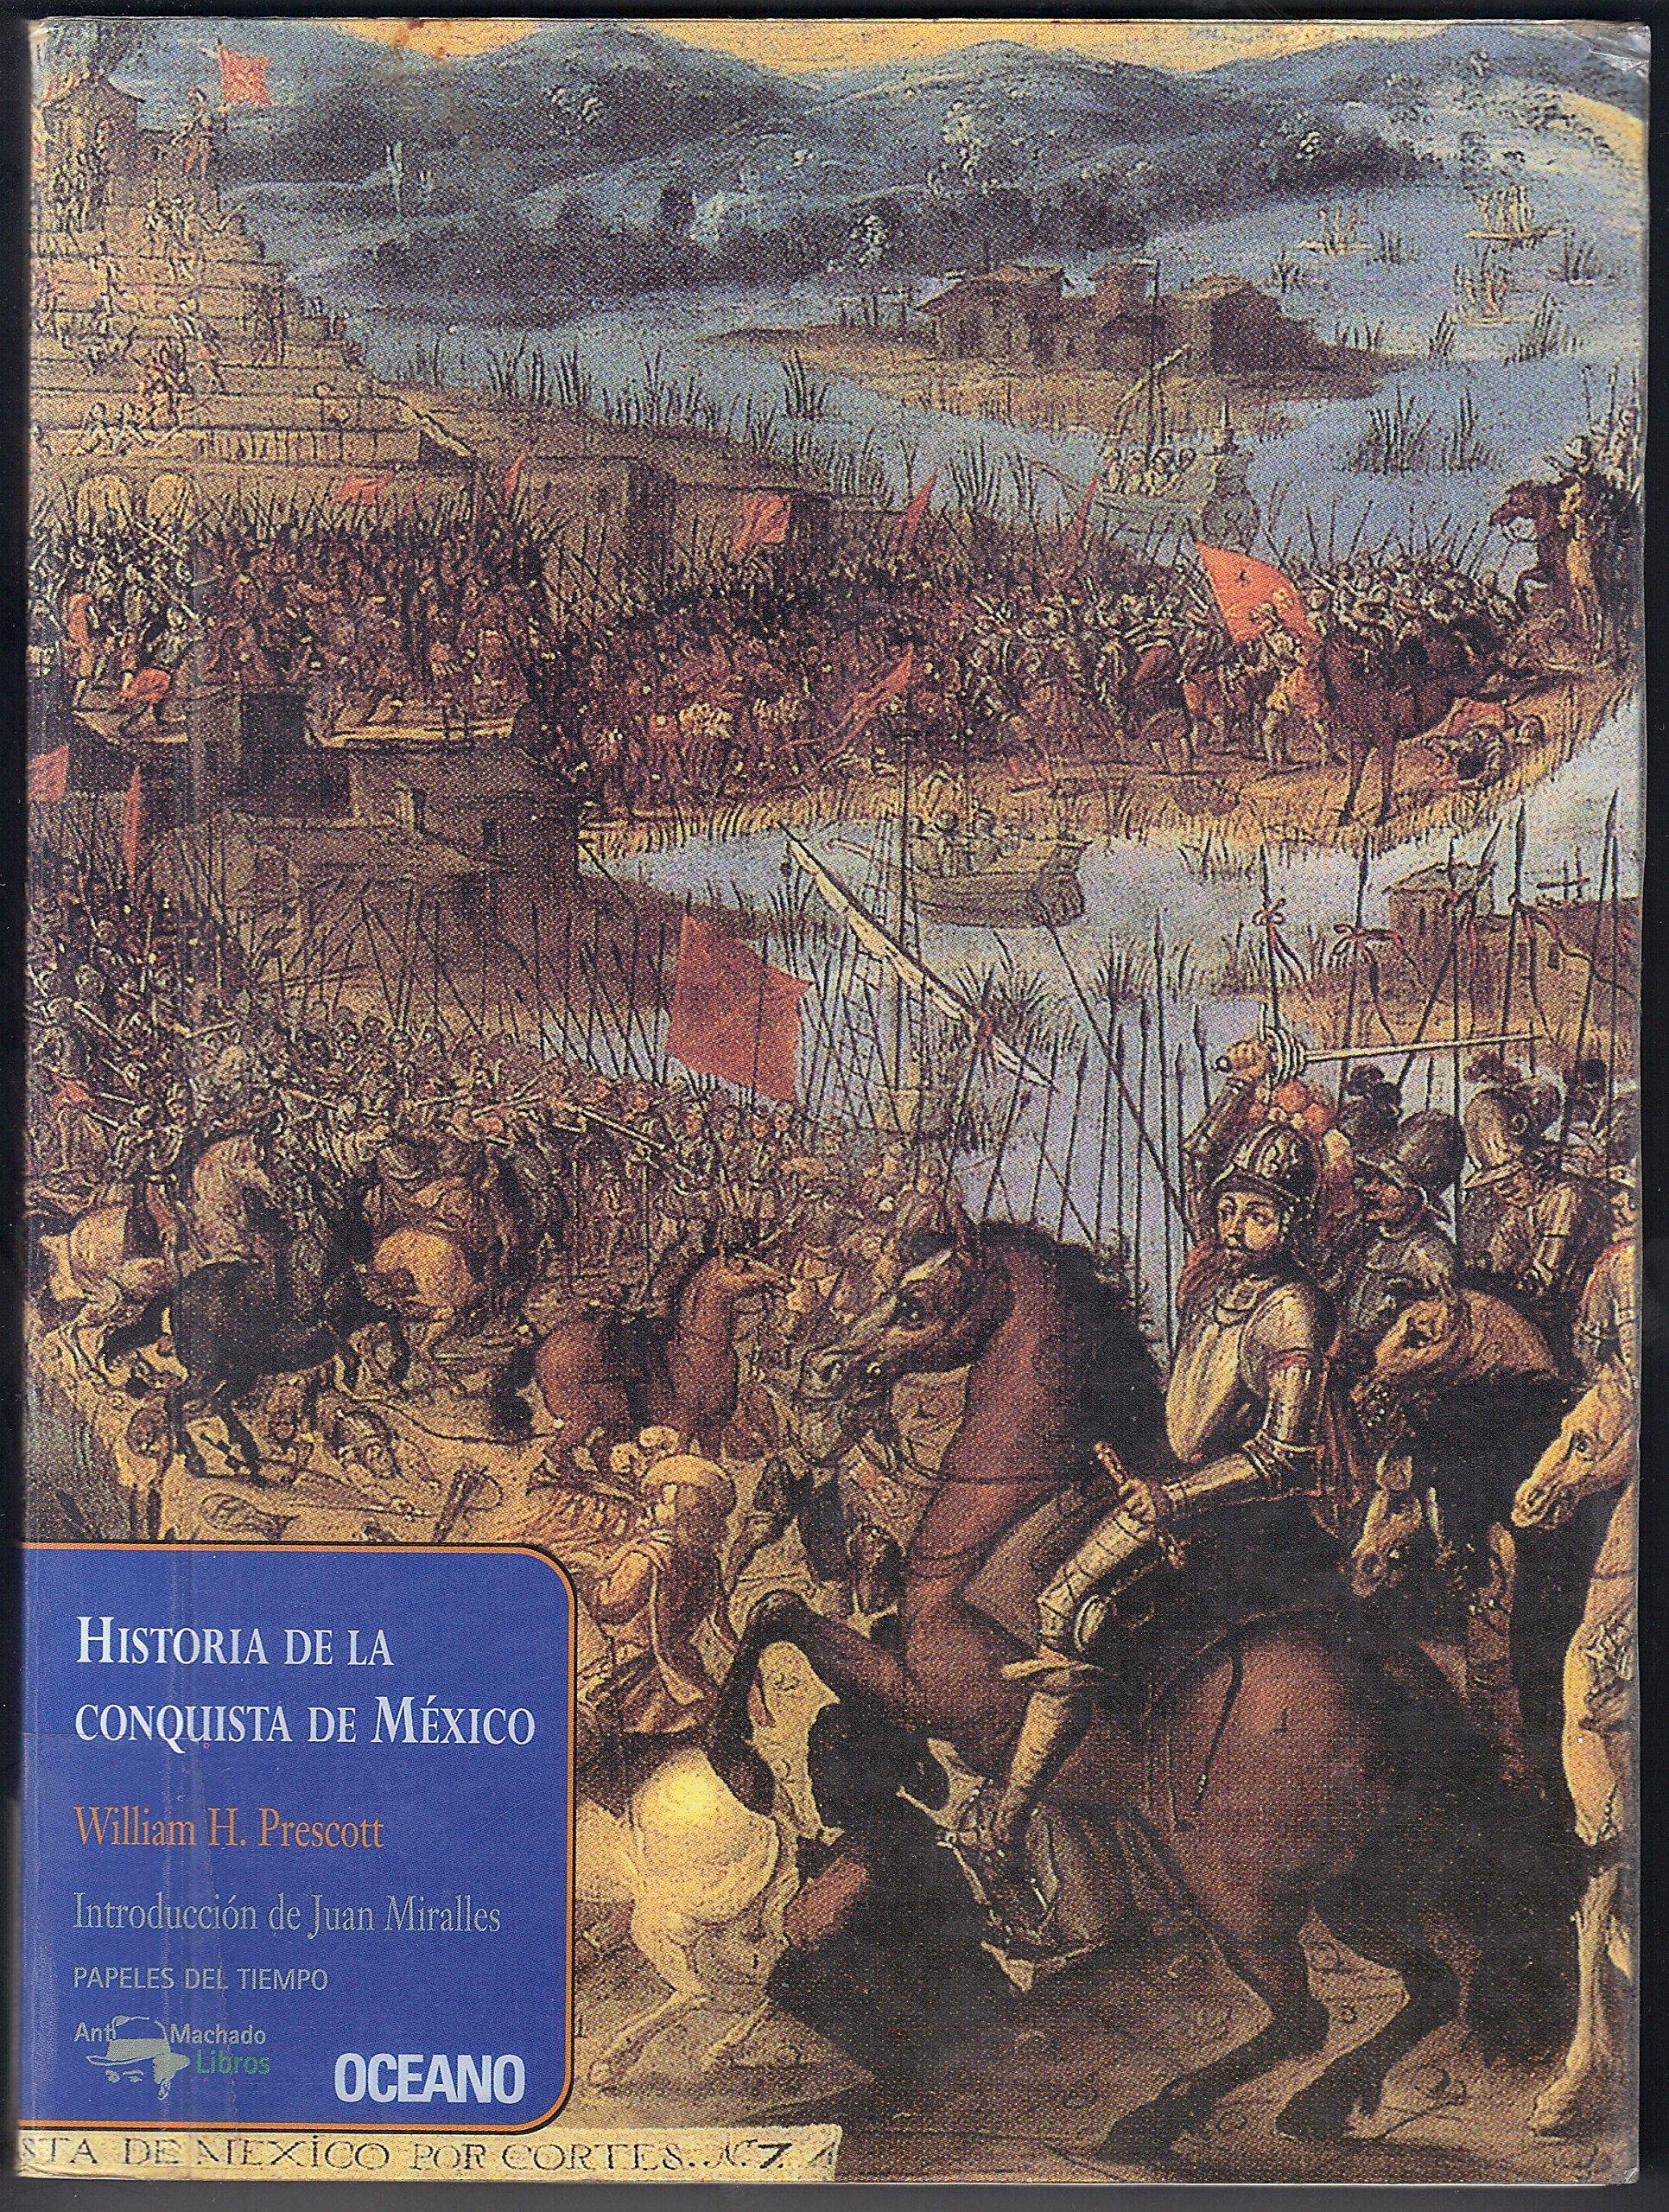 Historia de la conquista de México papeles Del Tiempo: Amazon.es: Prescott, William: Libros